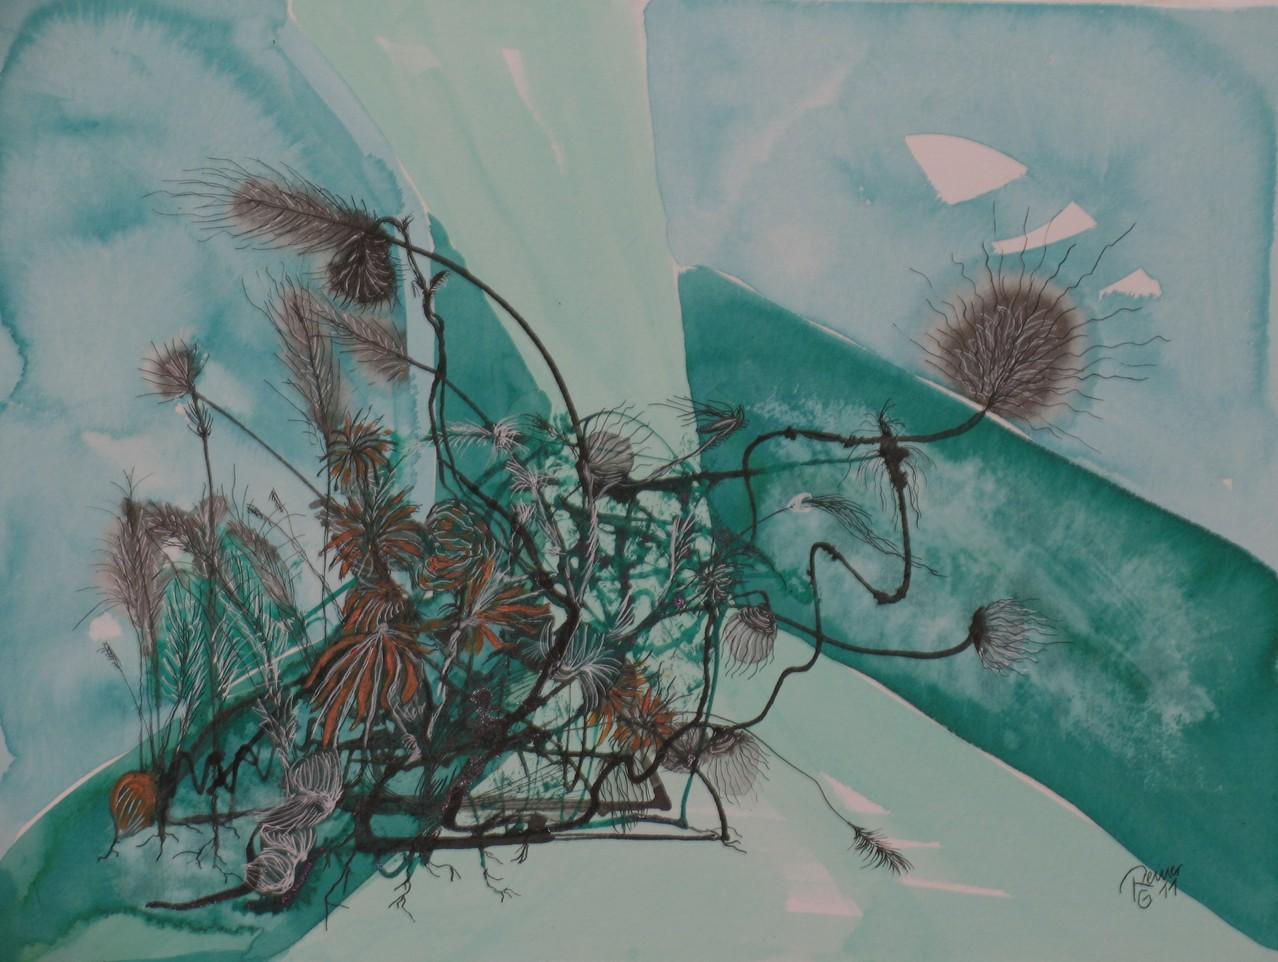 Distelartige 1, Tusche auf Papier, 30 x 40 cm